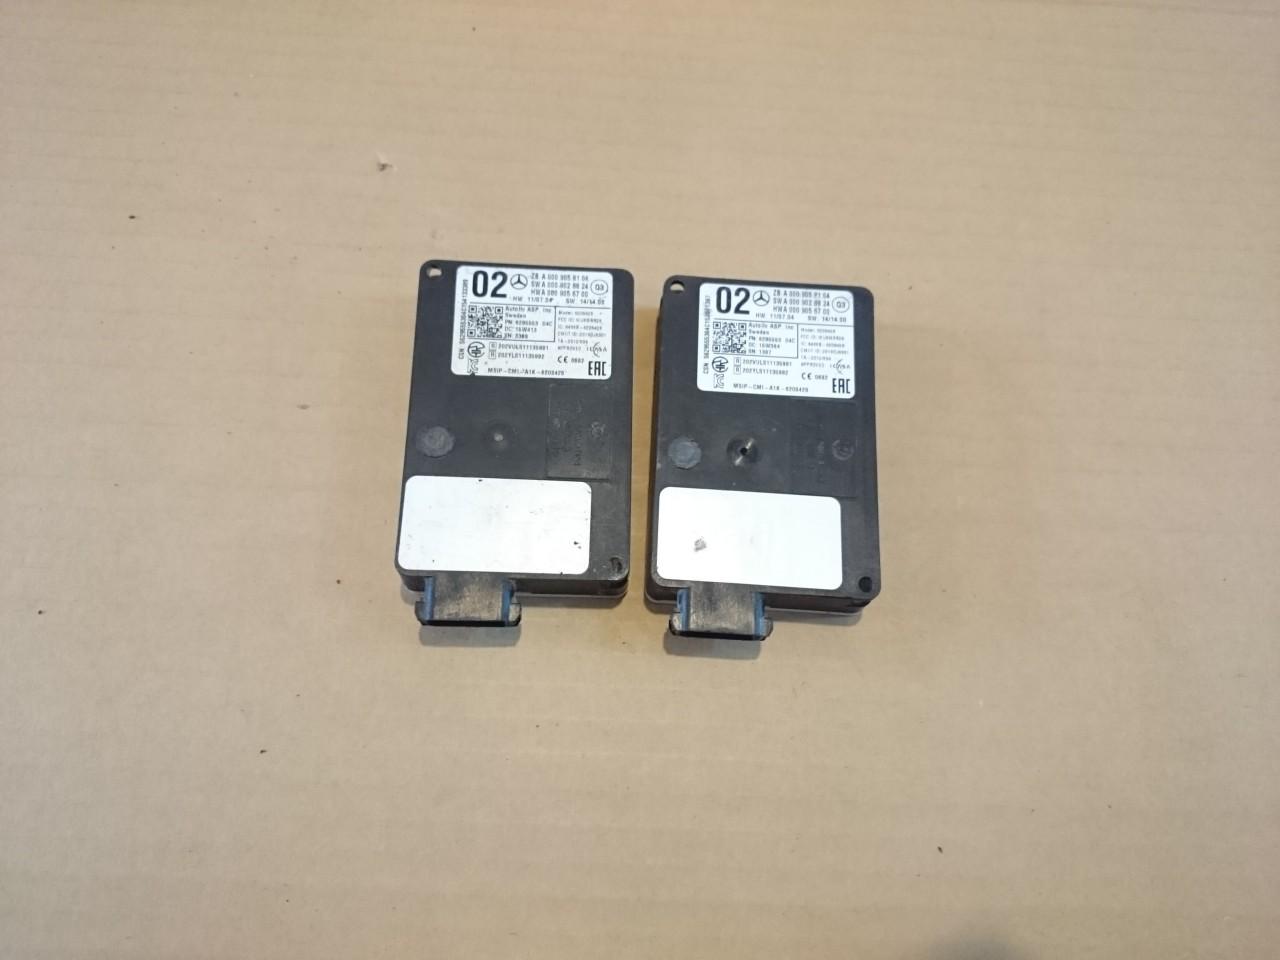 Senzor radar distronic Mercedes W166, X253, W205, GLC, X253, C253 cod A0009058702 / A0009028824